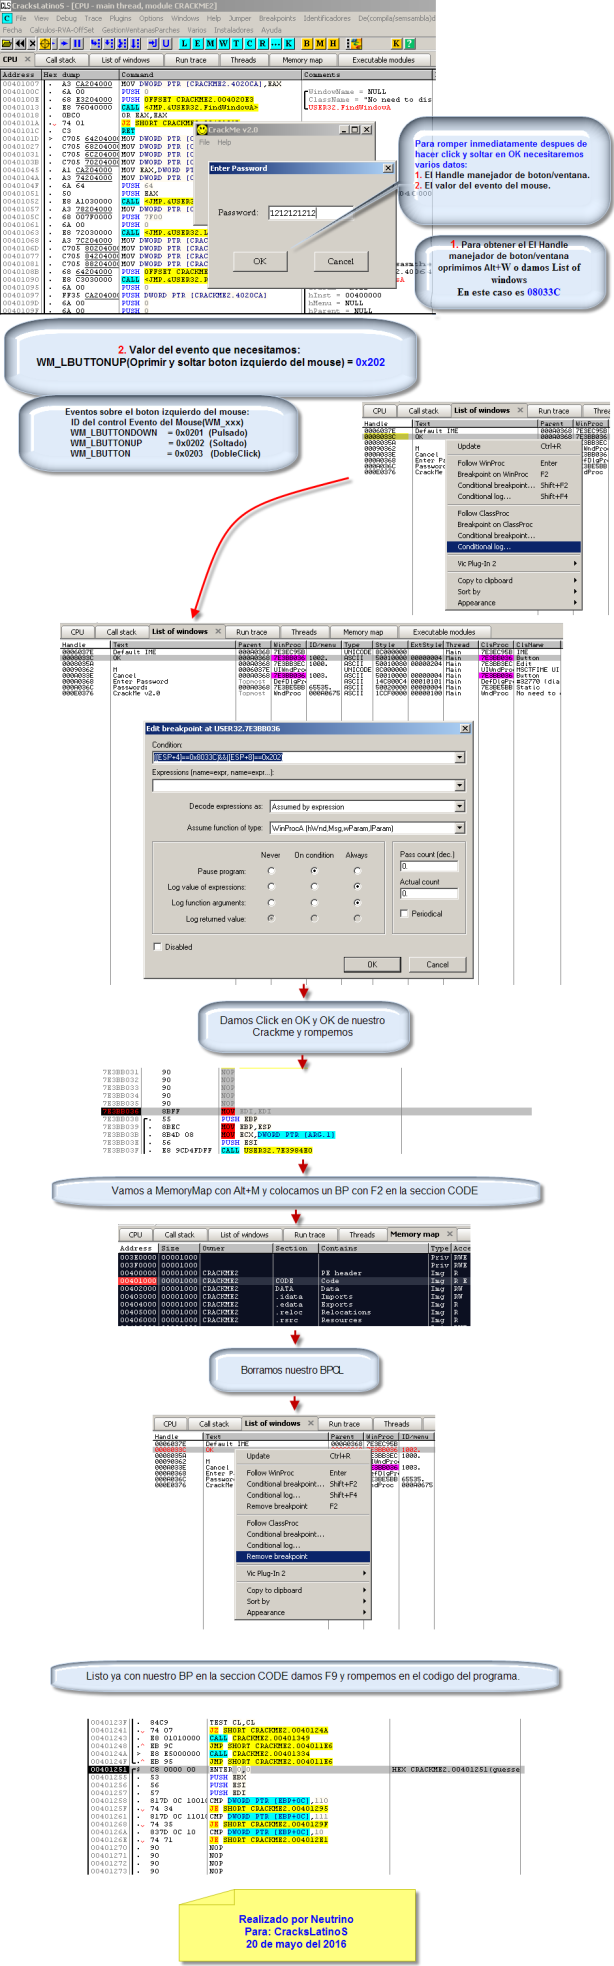 Tips y metodo sobre BreakPoint Condicional Log en Ollydbg2.01